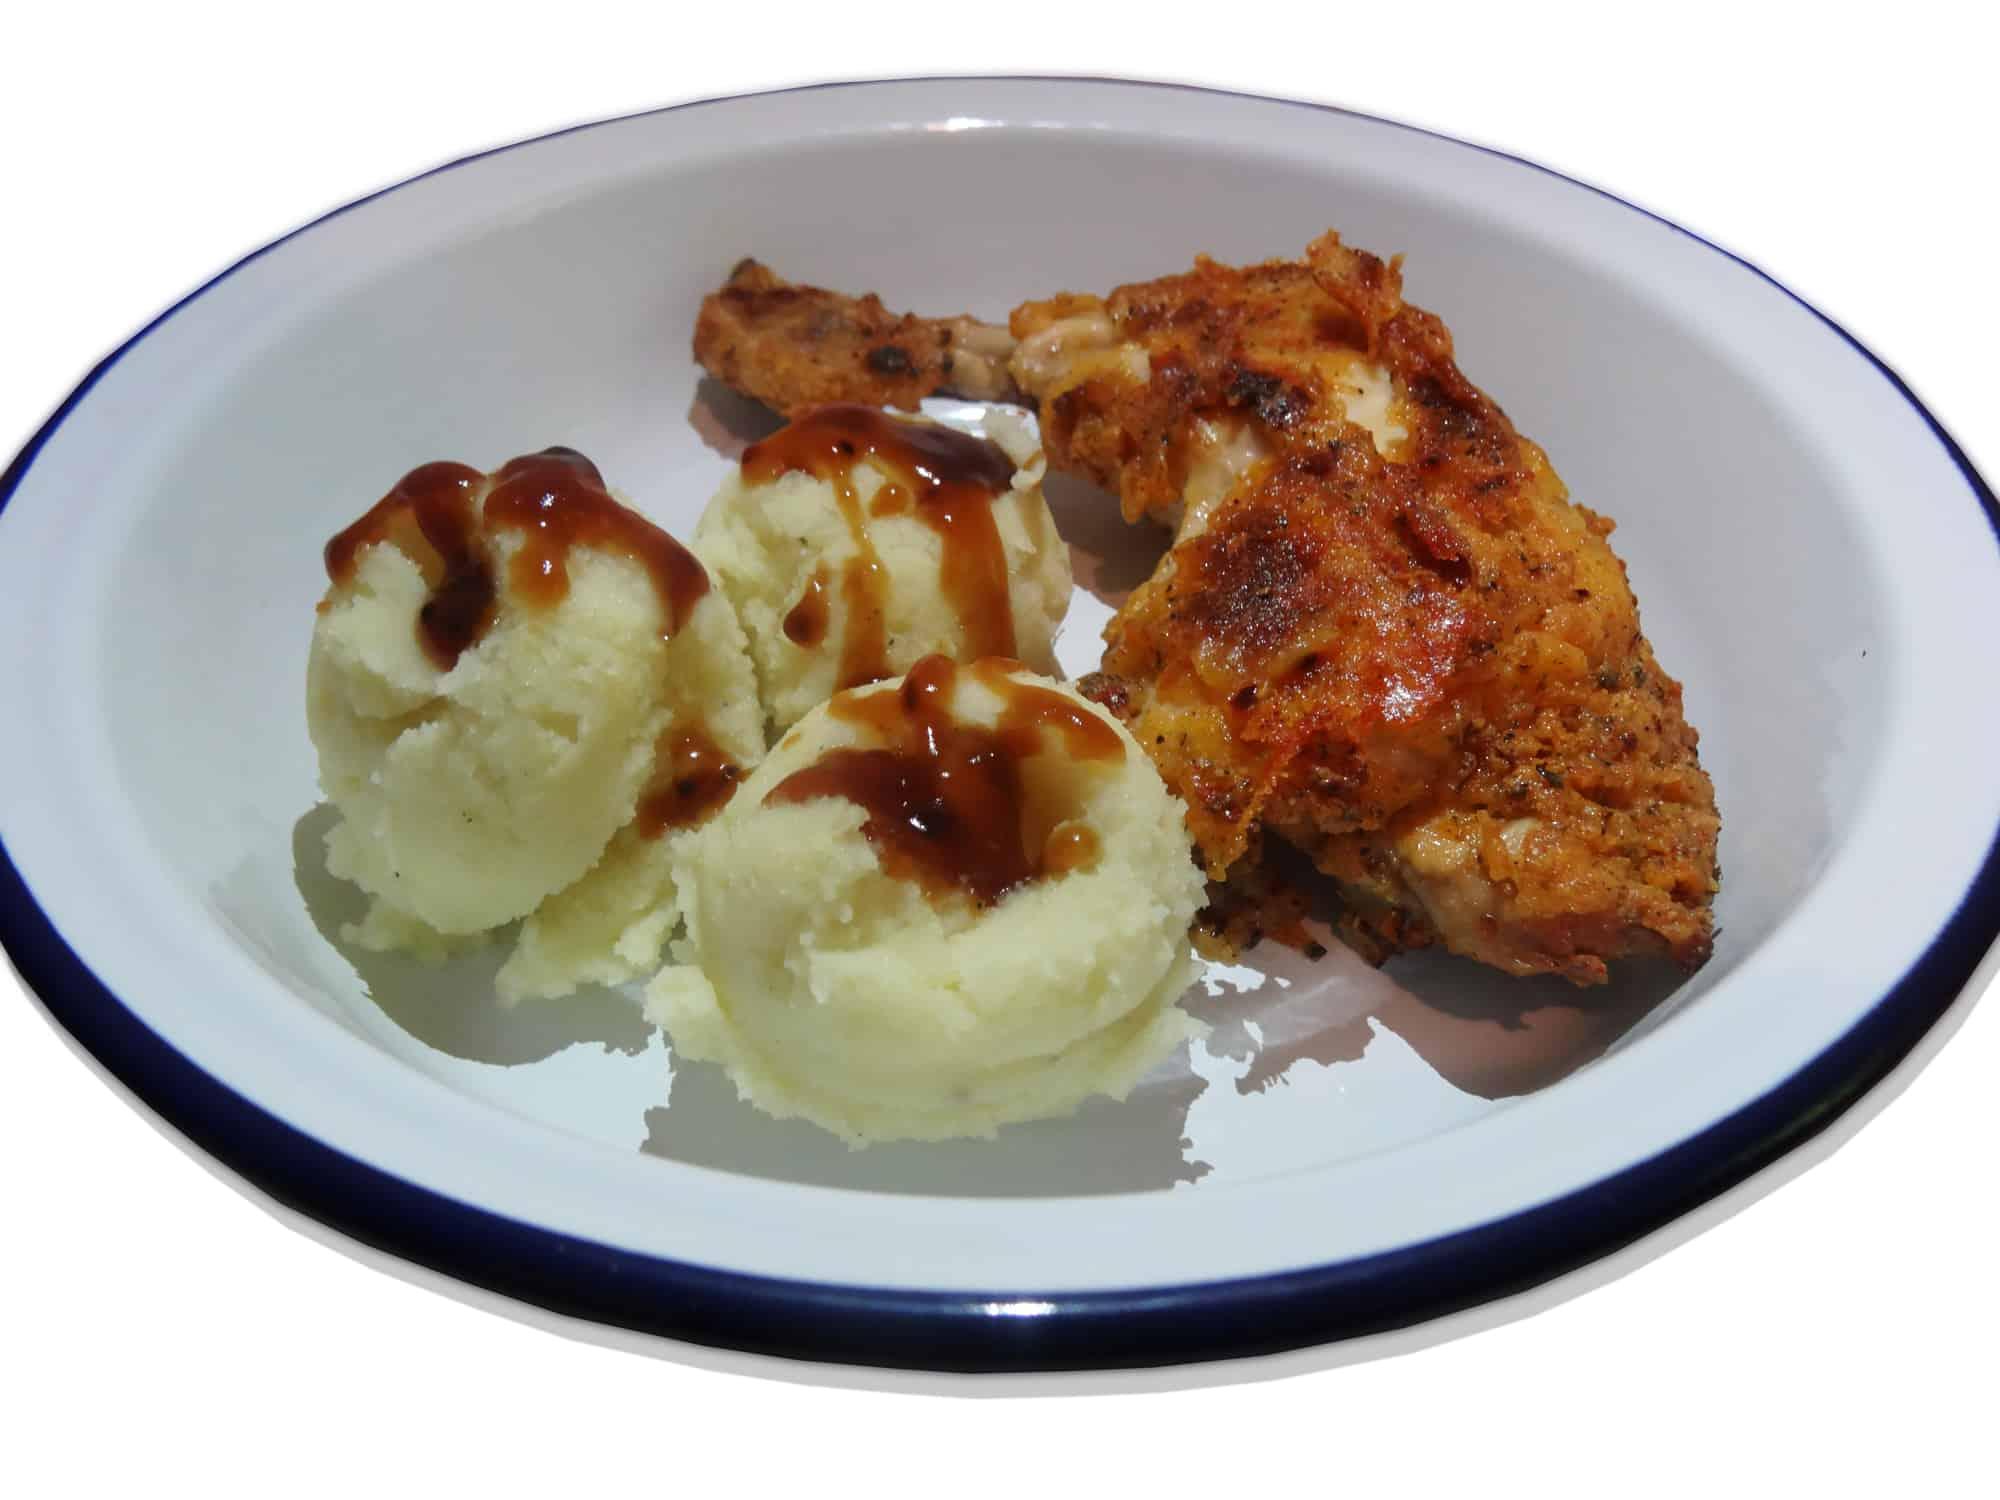 Gluten free kfc fried chicken recipe